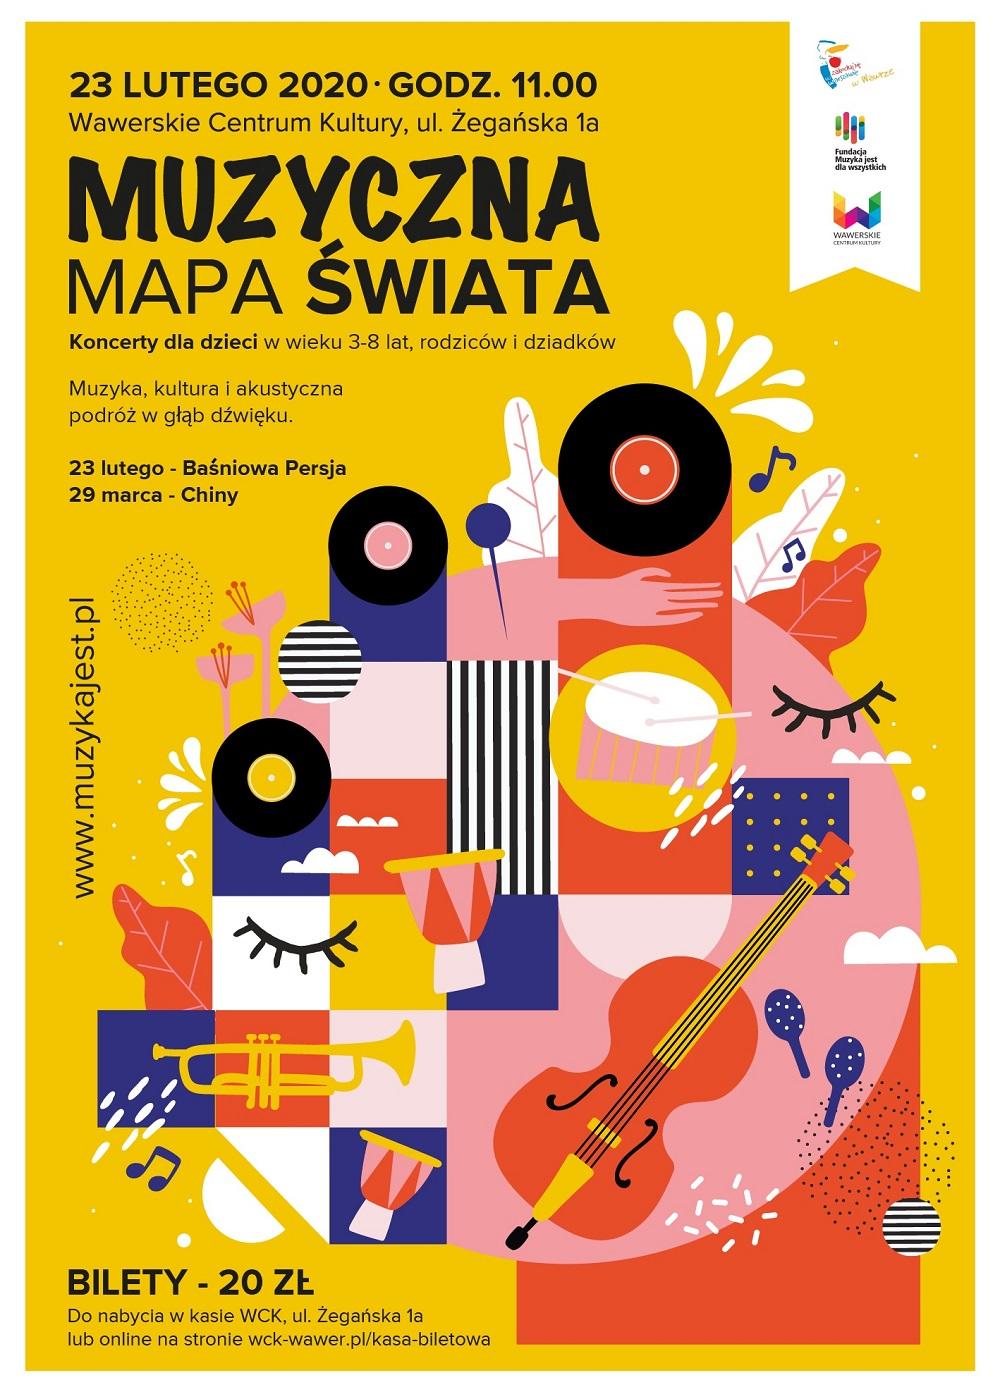 Muzyczna mapa świata - koncerty z bajką dla rodzin